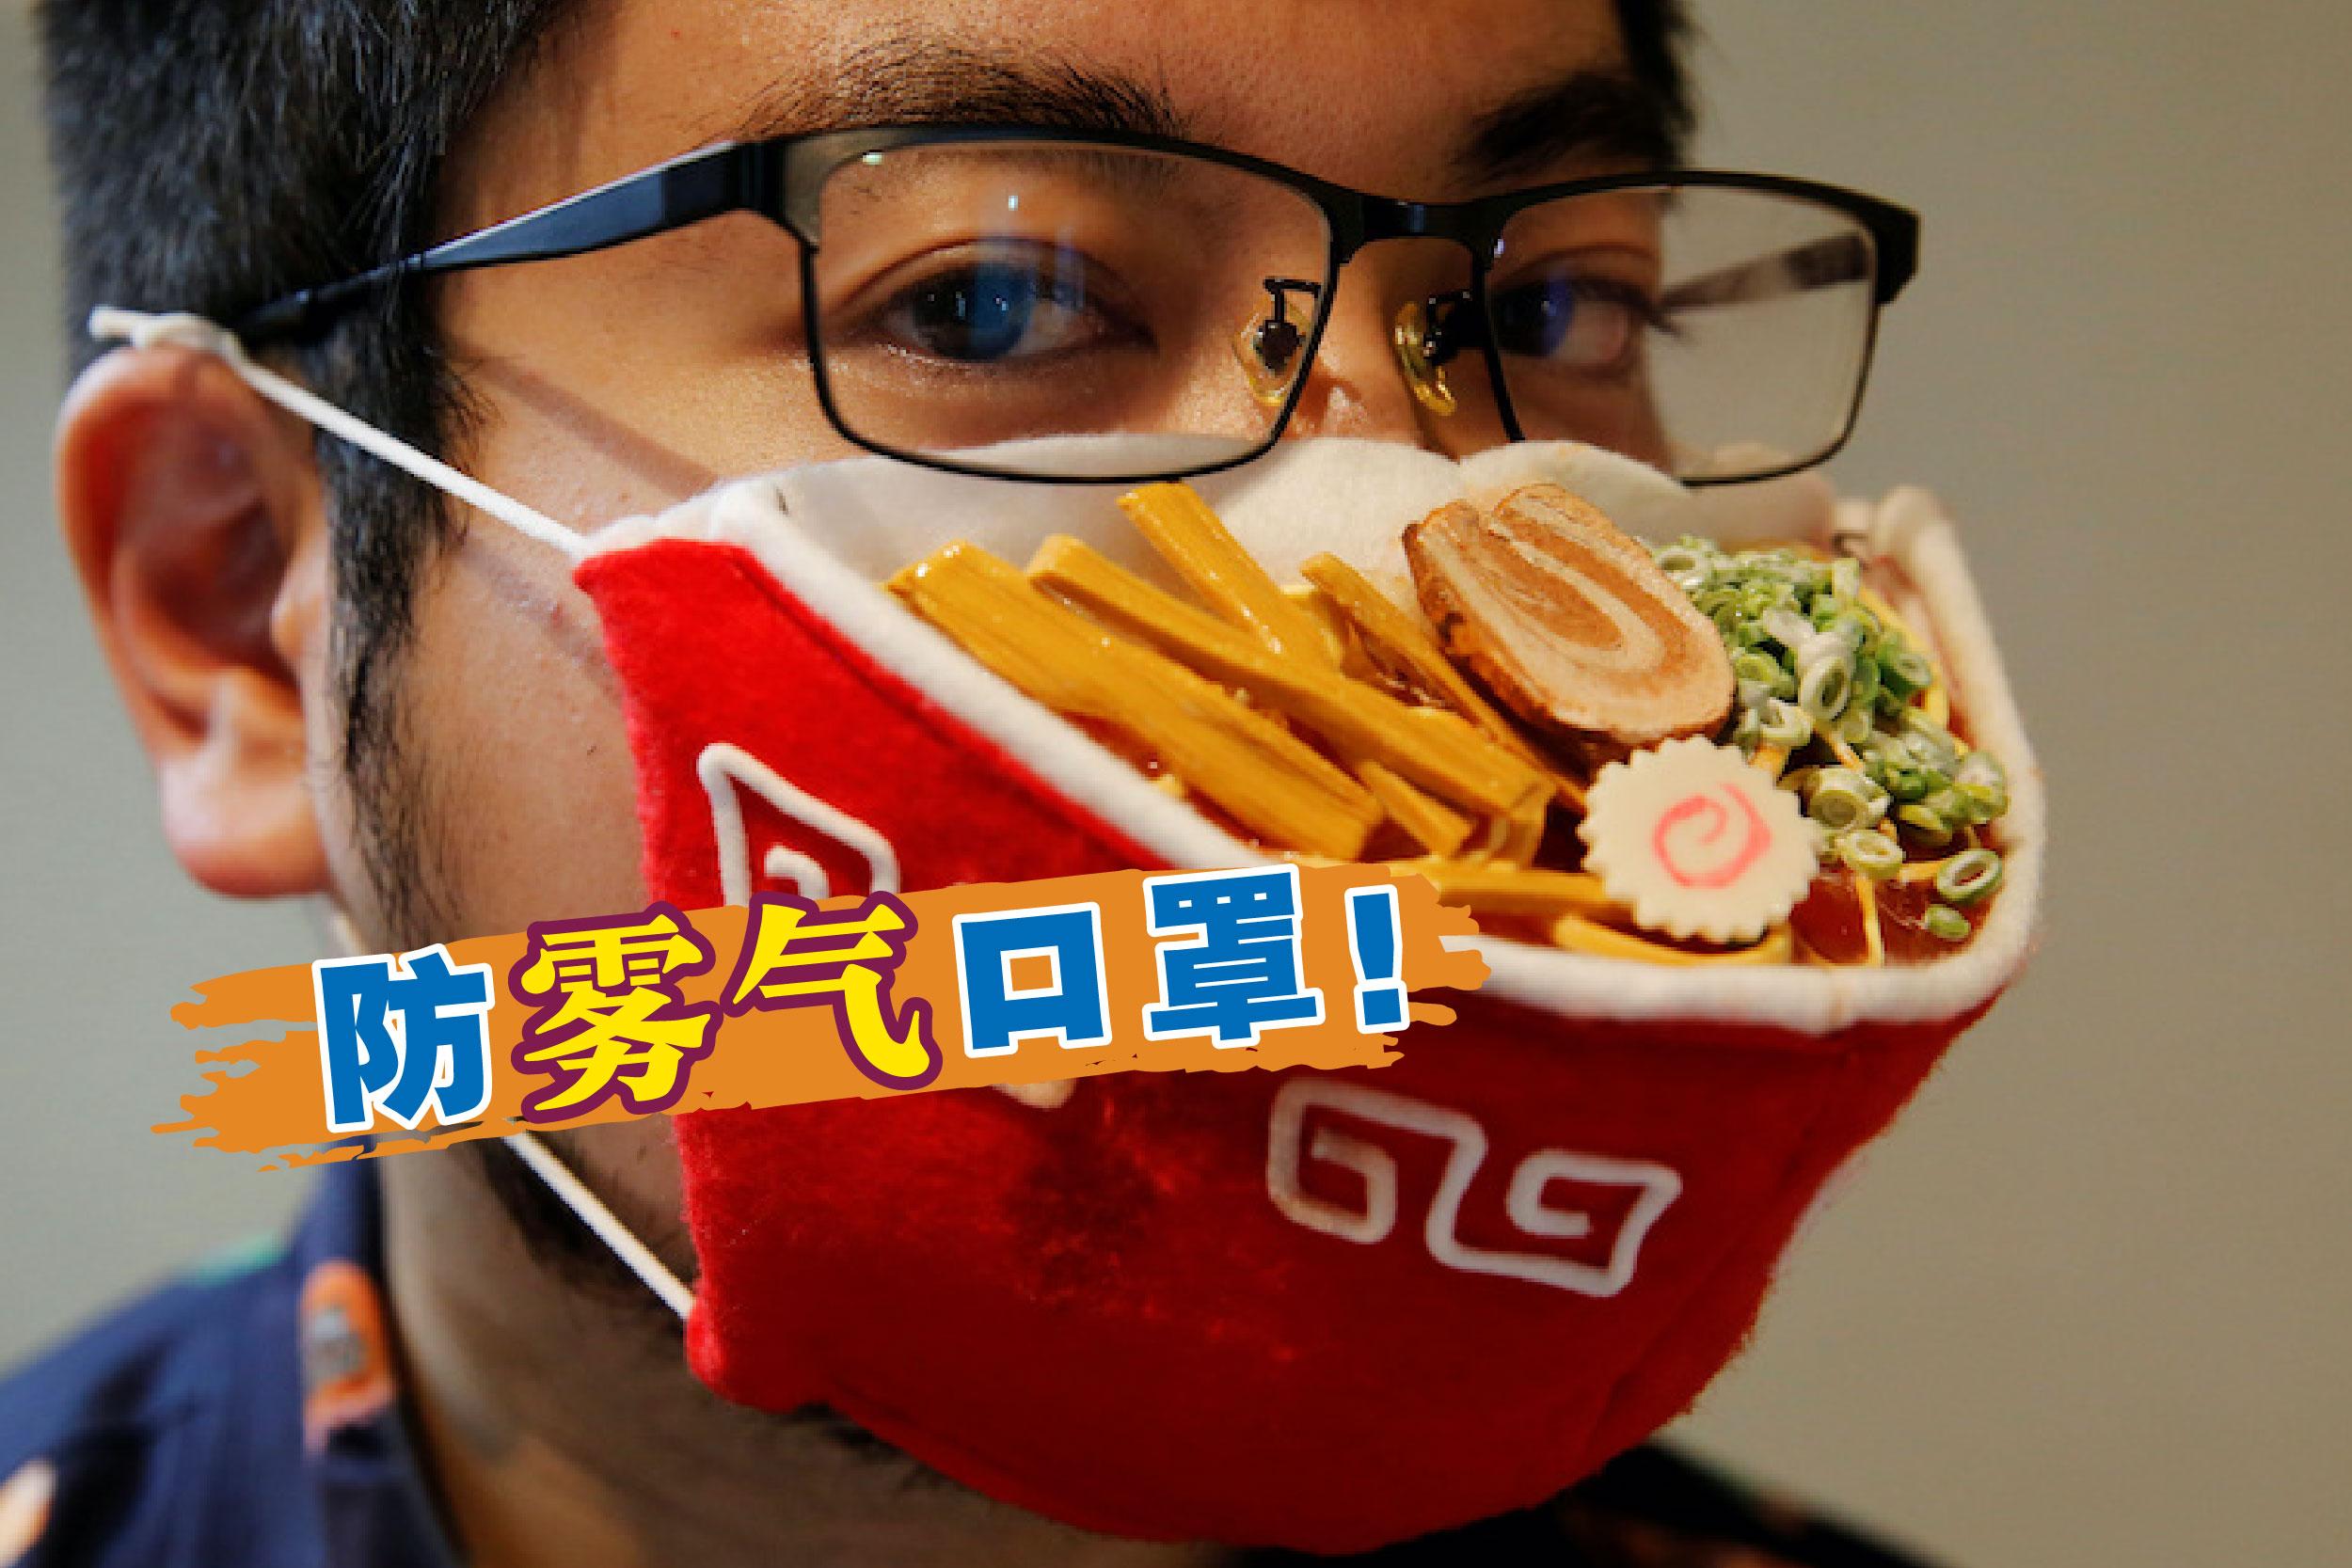 """为了能够解决""""四眼帮""""所面对的雾气困扰,日本艺术家柴田孝宏制作了一款造型独特的拉面口罩,以幽默的方式为民众加油打气。-路透社,精彩大马制图-"""